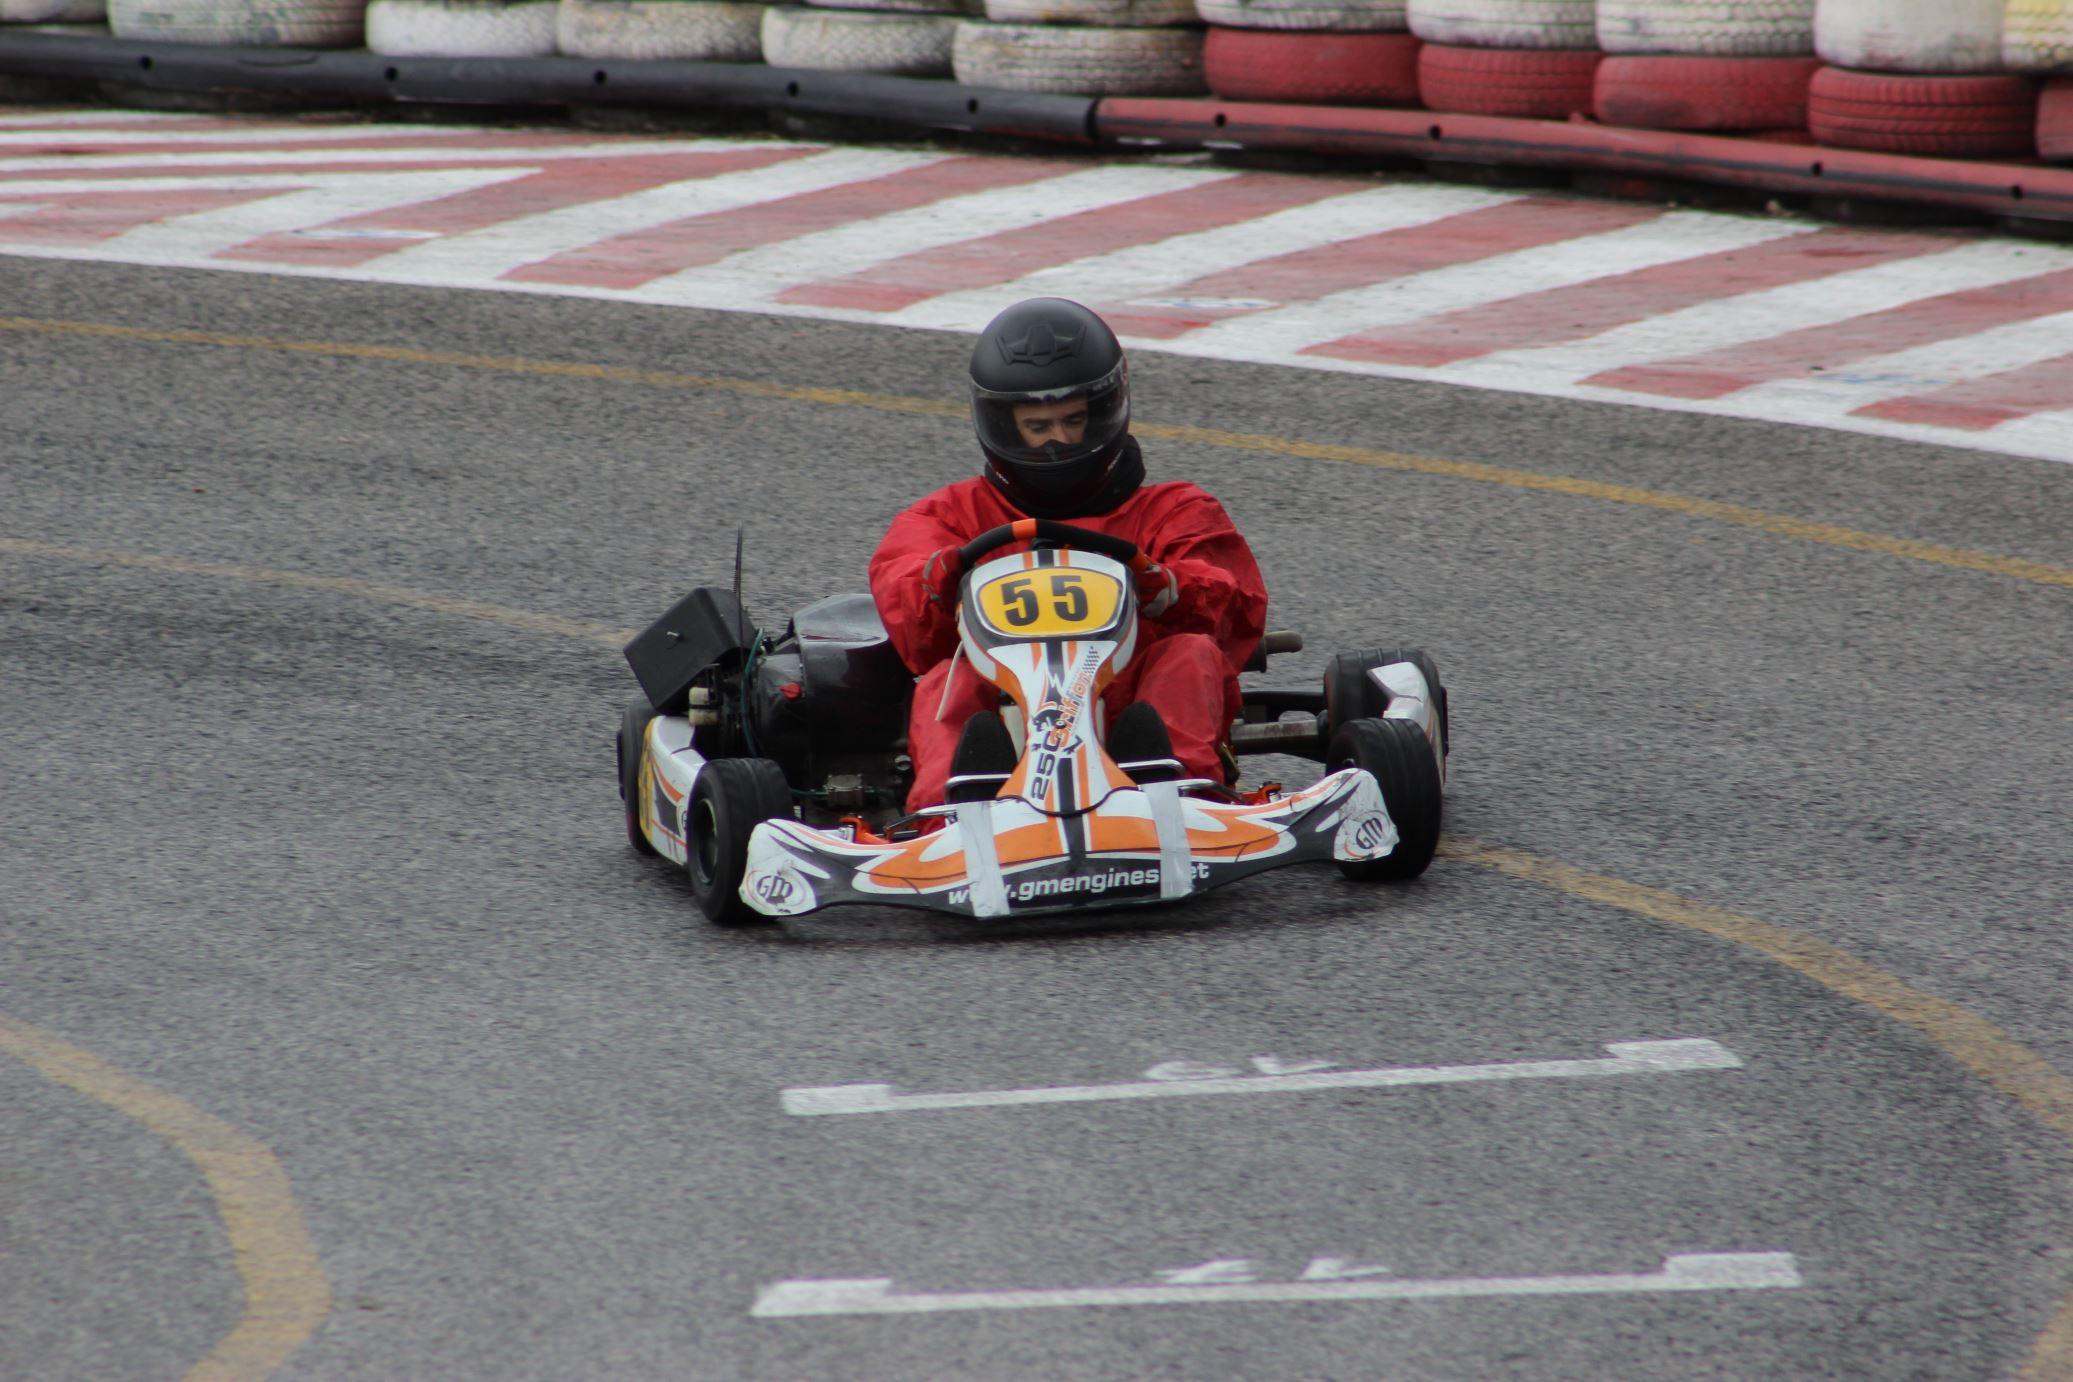 Troféu Honda 2014 - 2ª Prova134